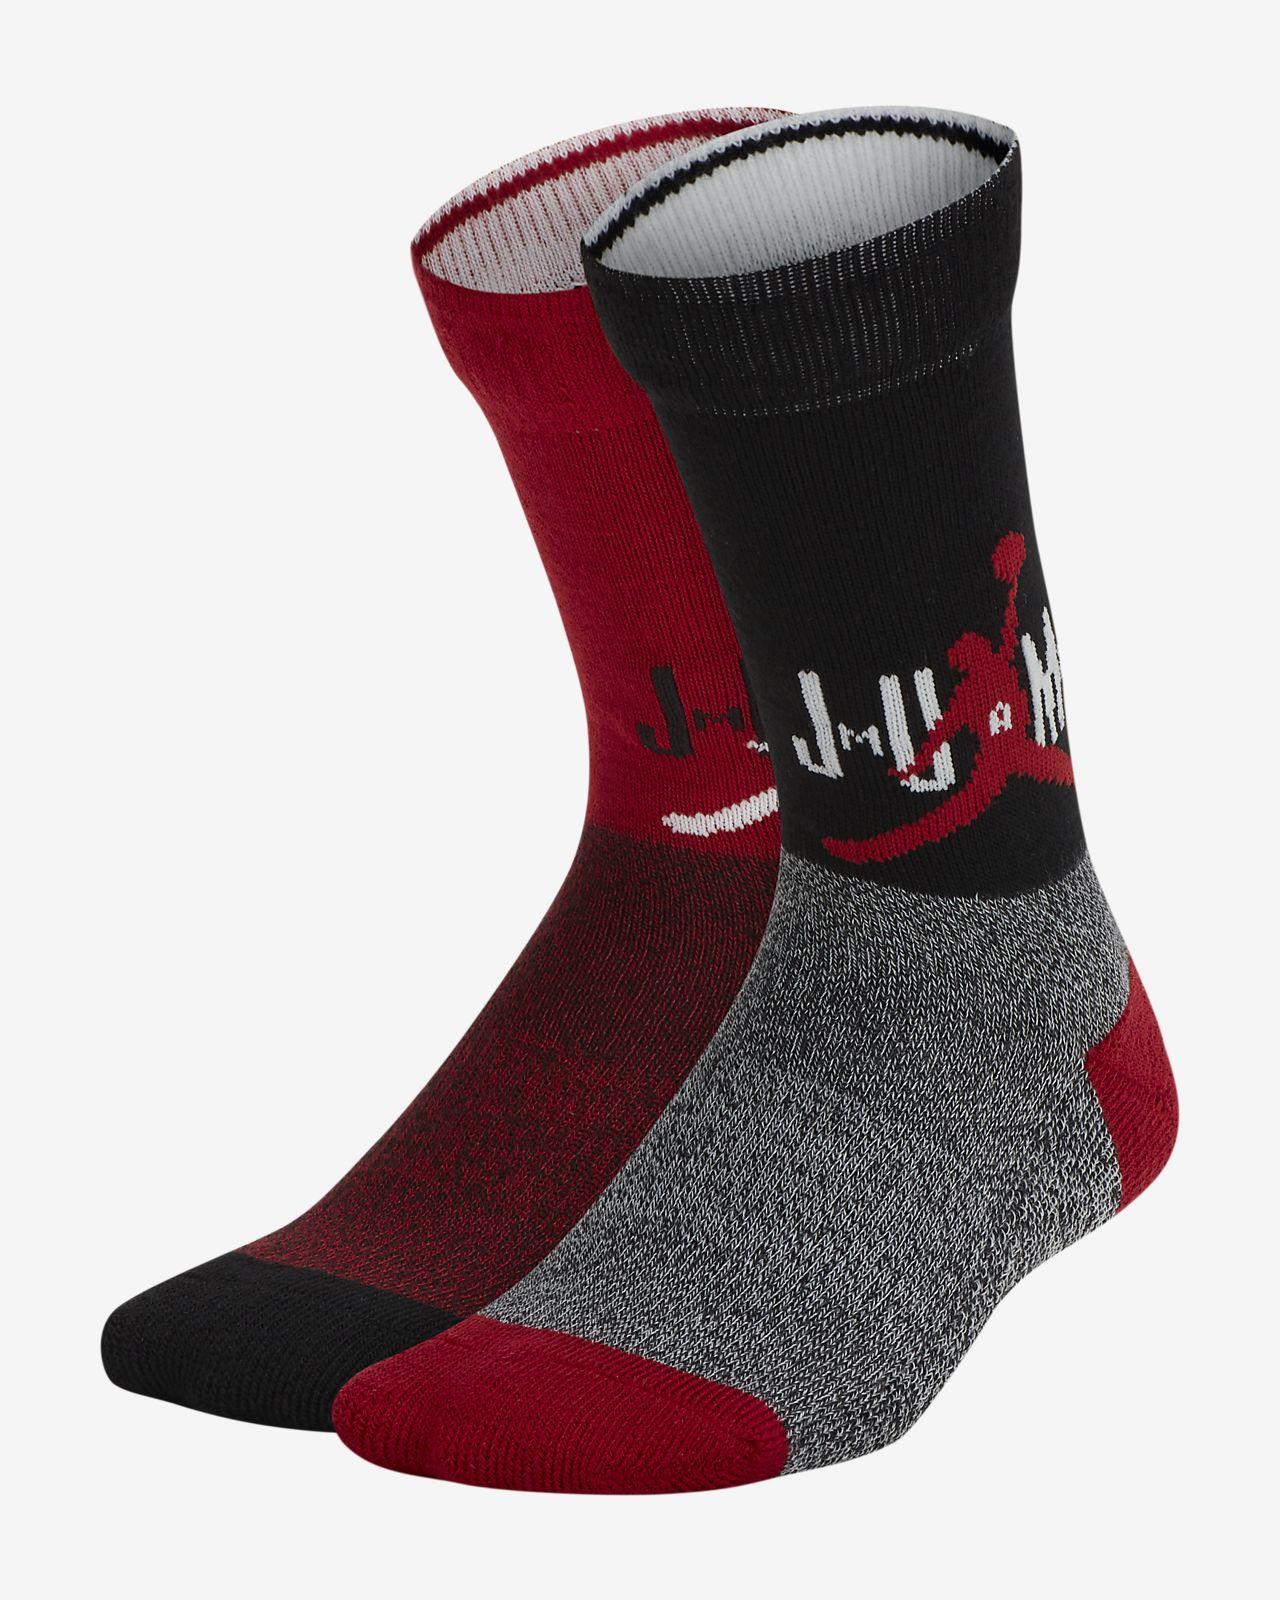 Jordan gepolsterte Crew-Socken für Kinder(2 Paar)